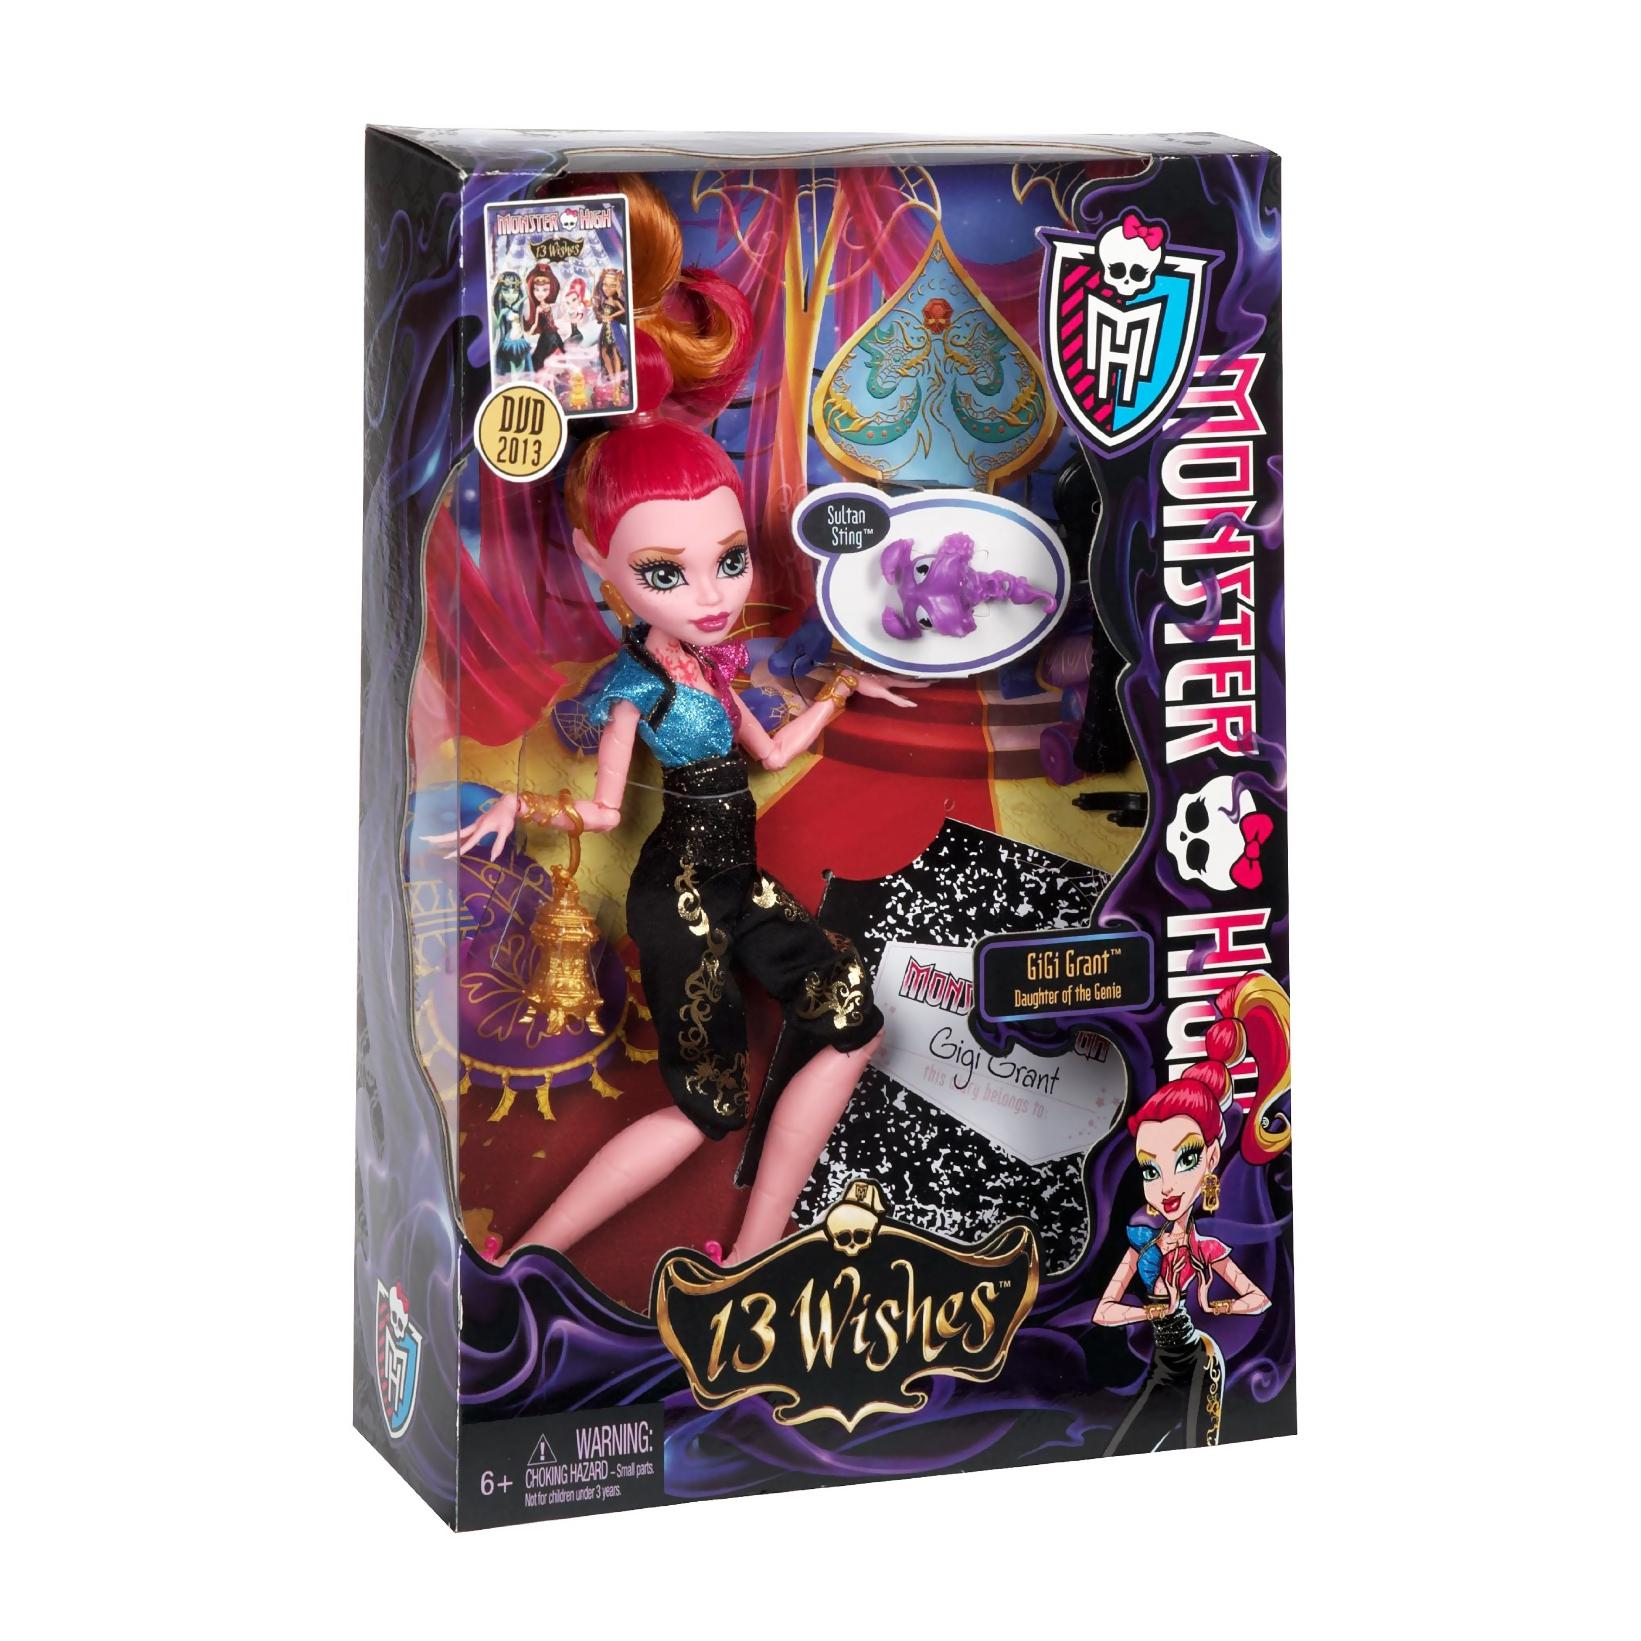 ����� Monster High ����� 13 ������� Gigi Grant